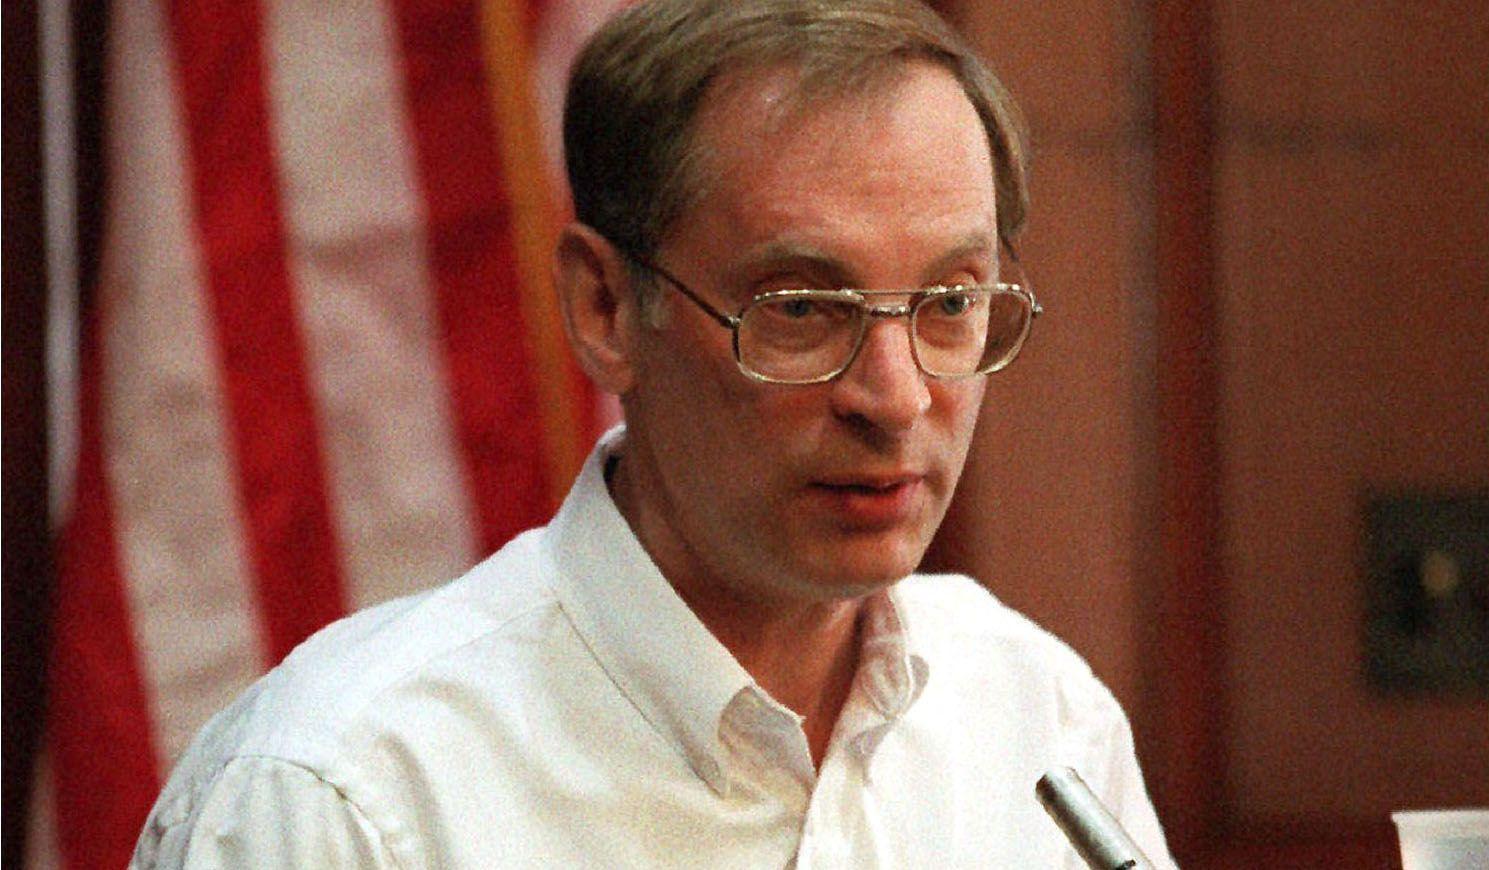 Bernhard Goetz